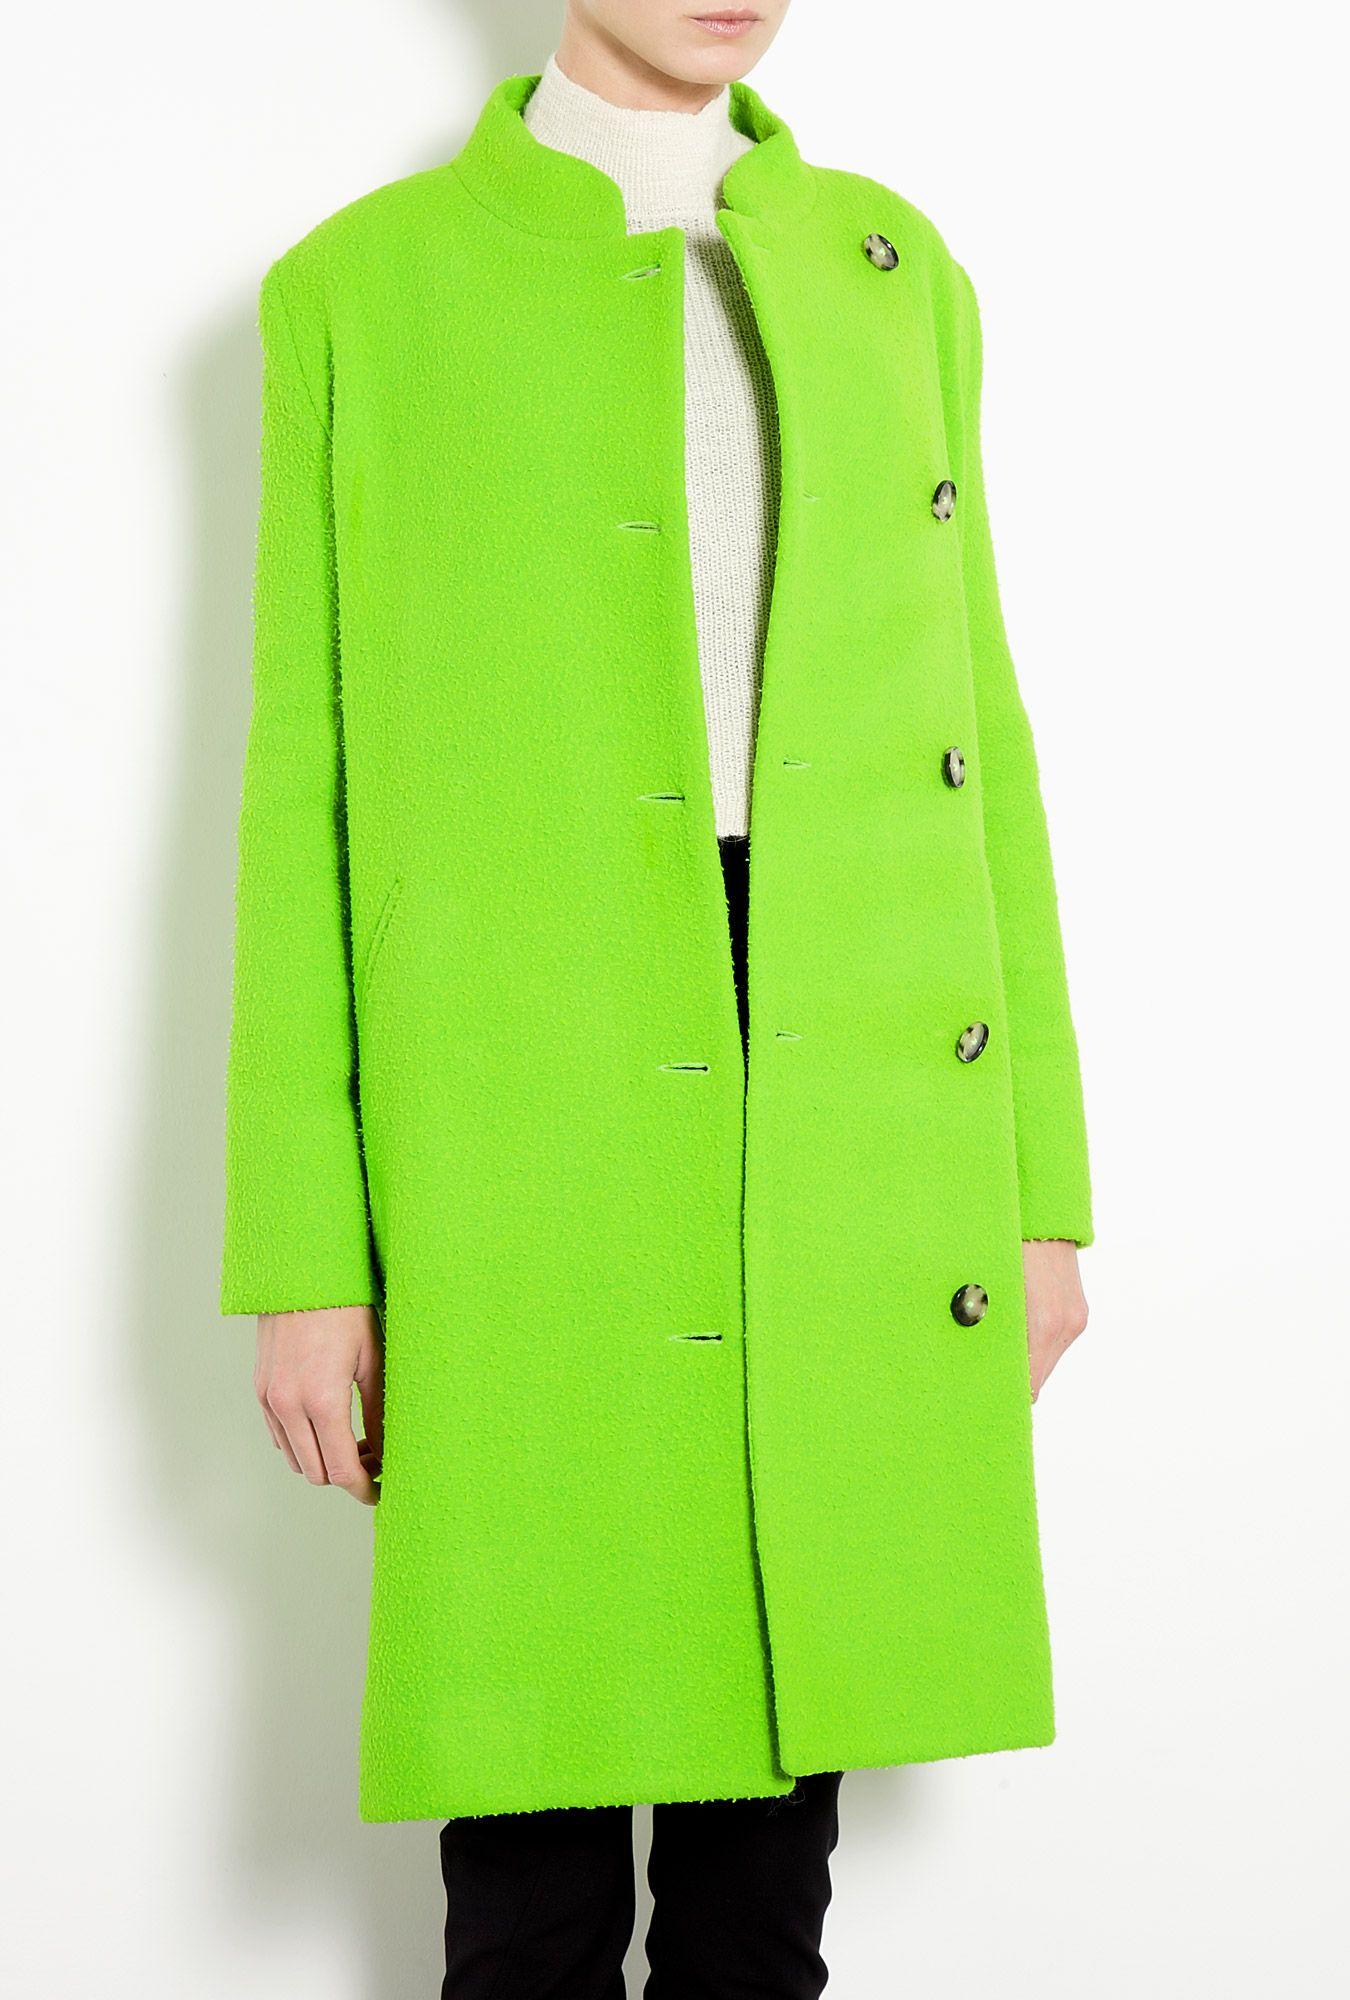 green acne coat  35f36c6f3